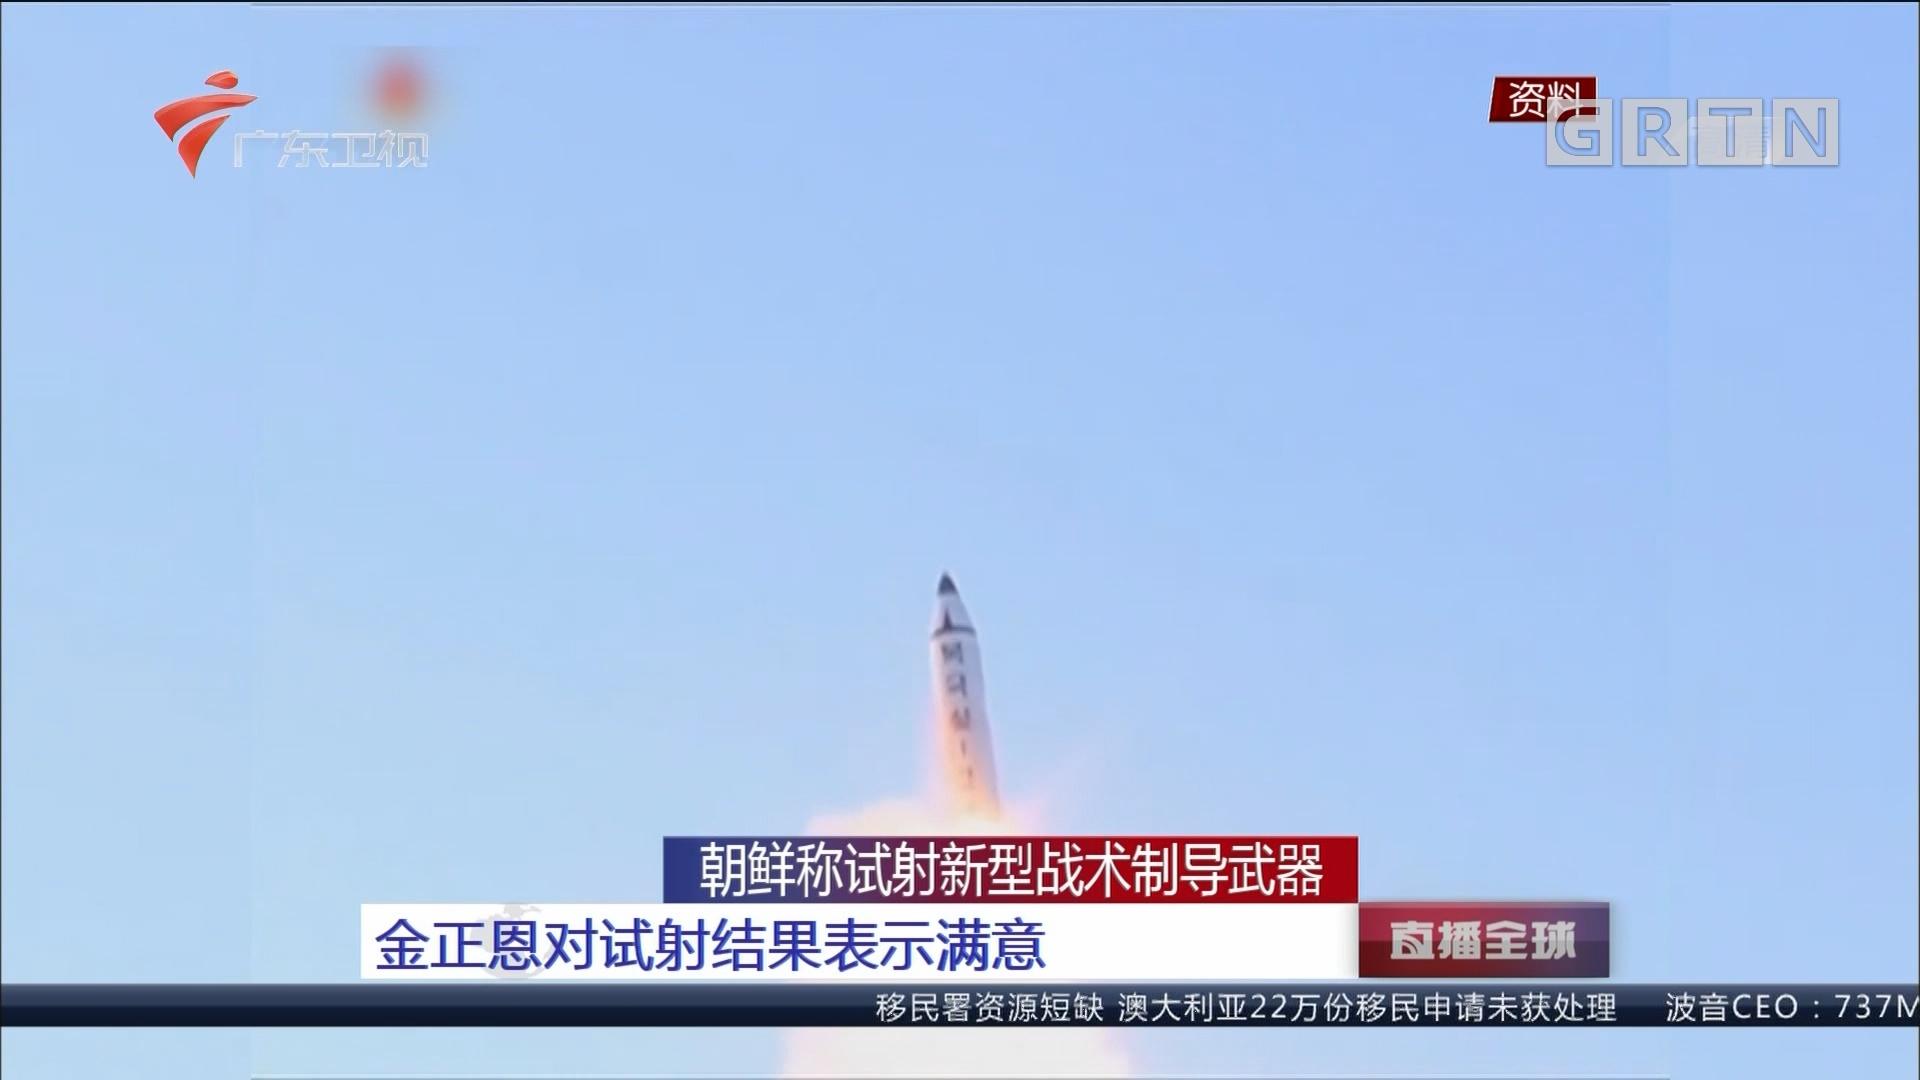 朝鲜称试射新型战术制导武器 金正恩对试射结果表示满意